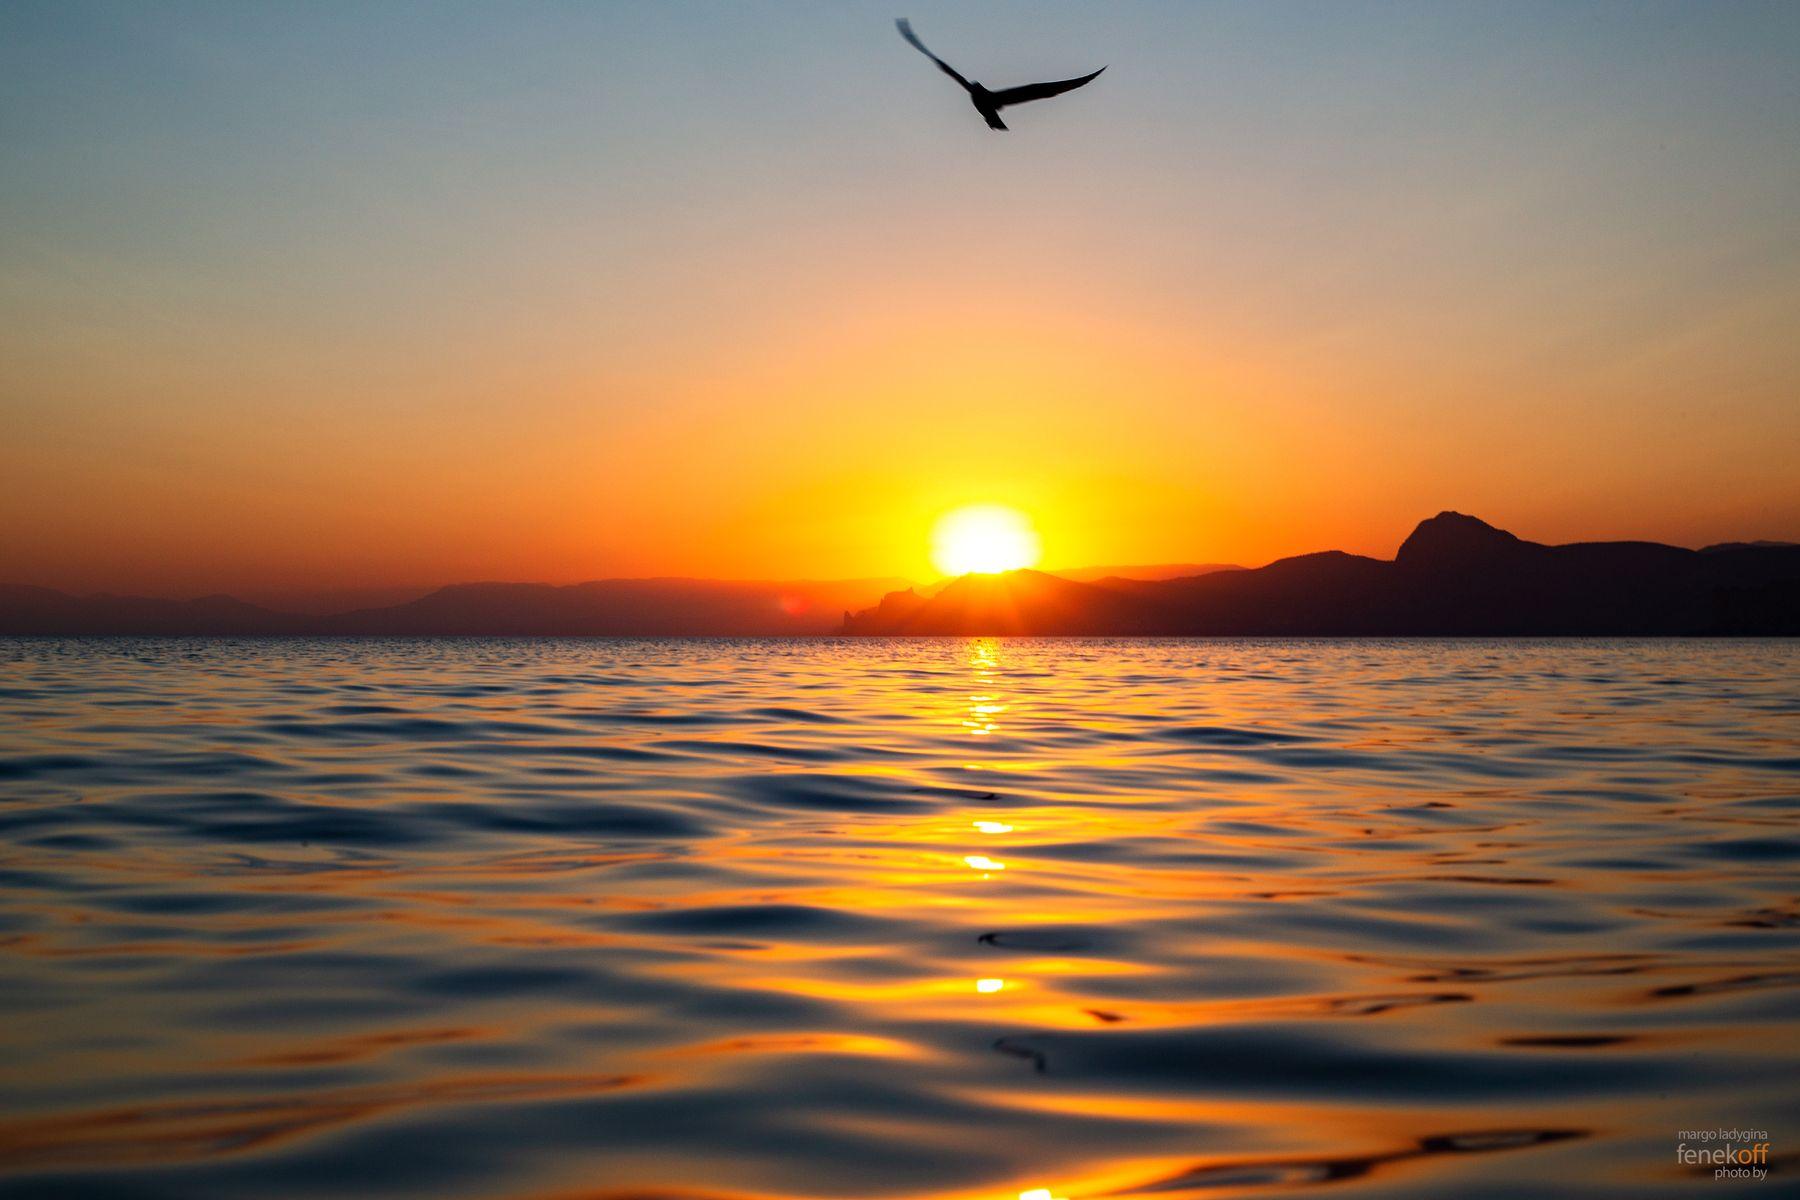 Закат на Чёрном море закат черное море крым чайка мыс алчак солнце путешествие природа sunset crimea sea black cape alchak